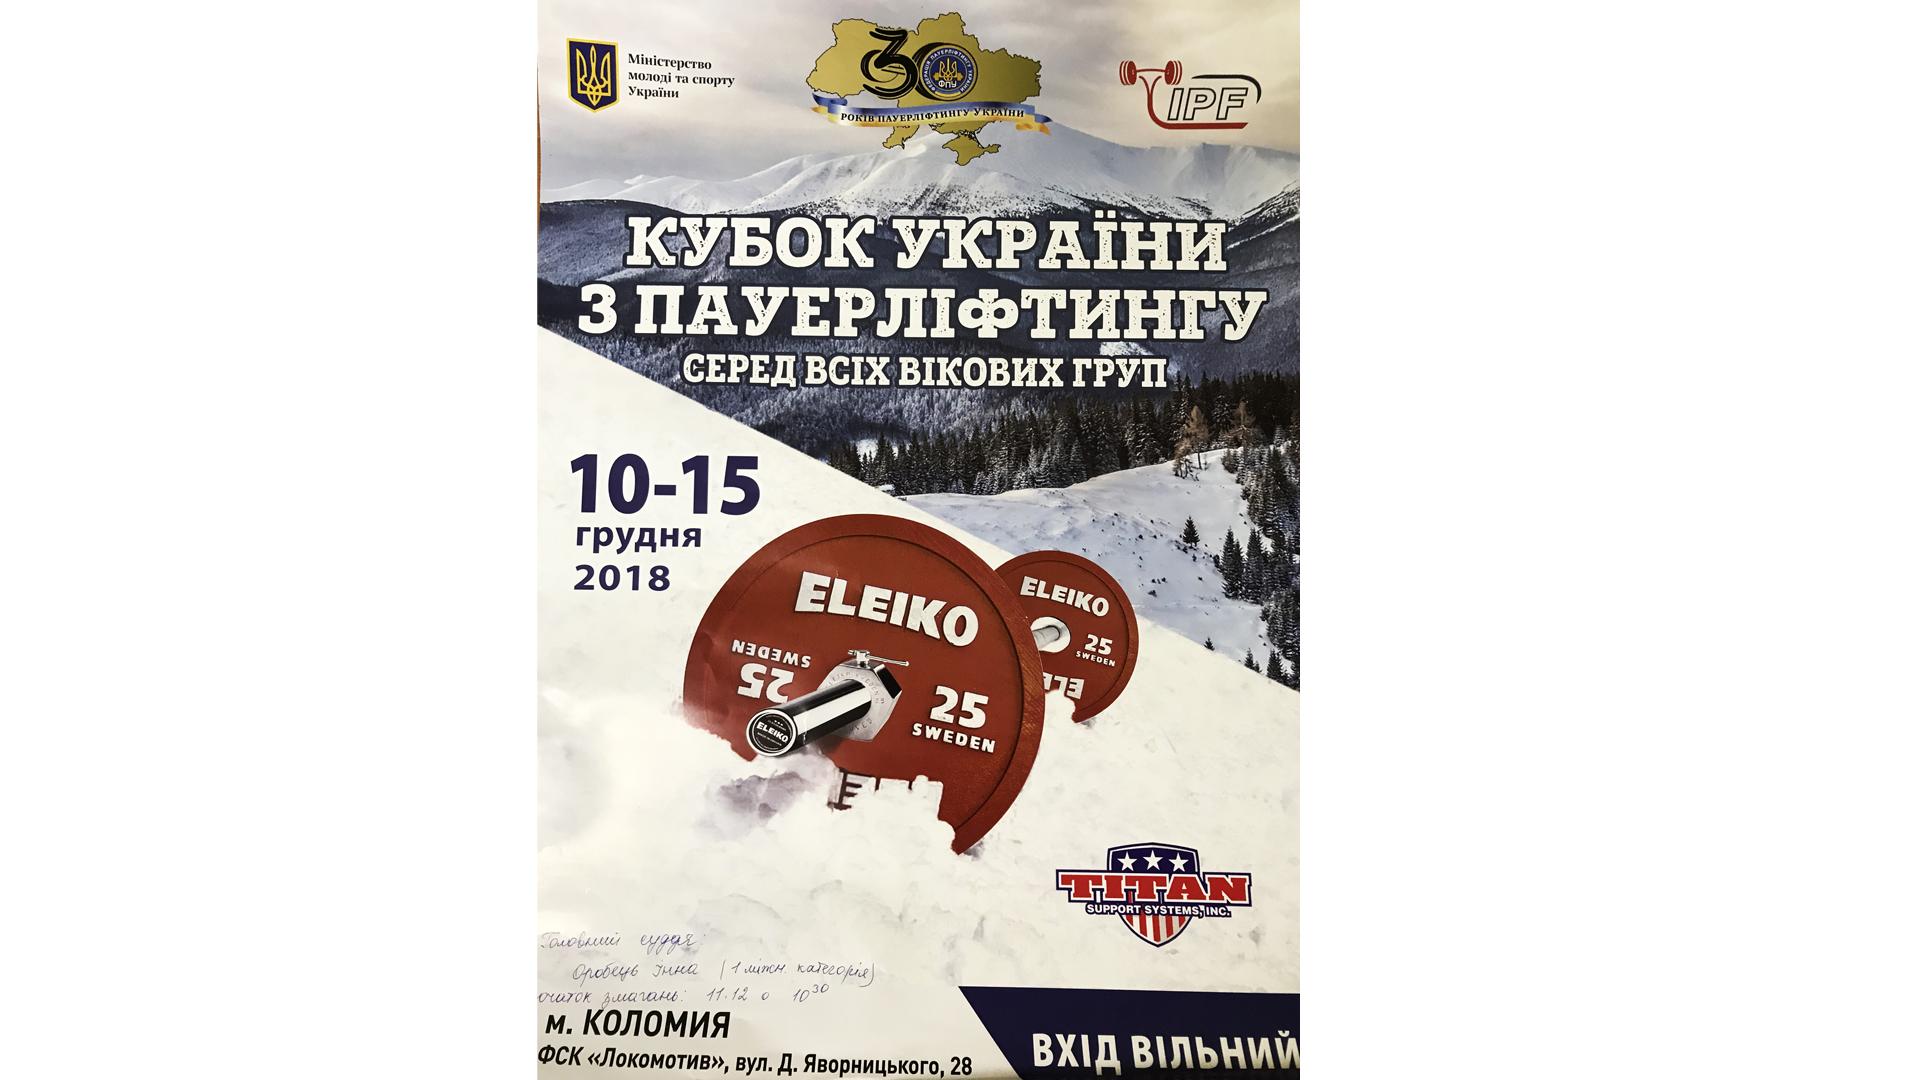 10-15 грудня у Коломиї відбудеться Кубок України з пауерліфтингу